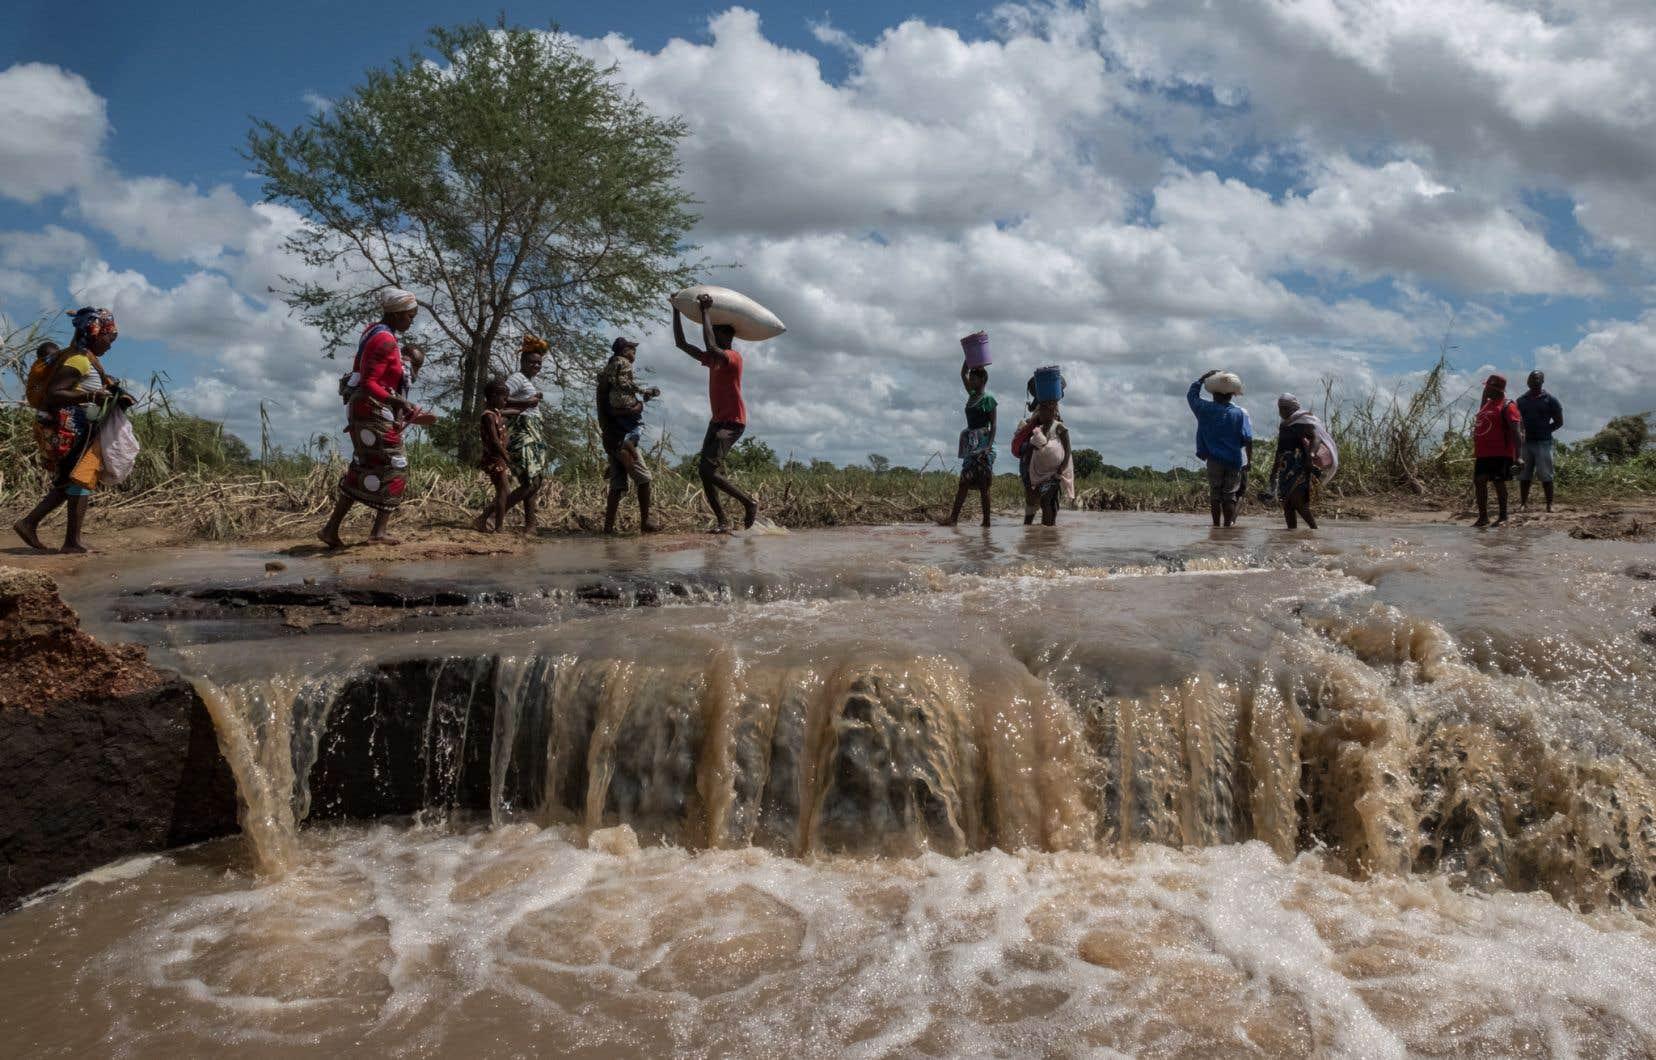 Un groupe d'habitants du Mozambique marche les pieds dans l'eau sur la route qui mène de Pemba à Metuje, inondée après le passage du cyclone Kenneth en avril 2019.